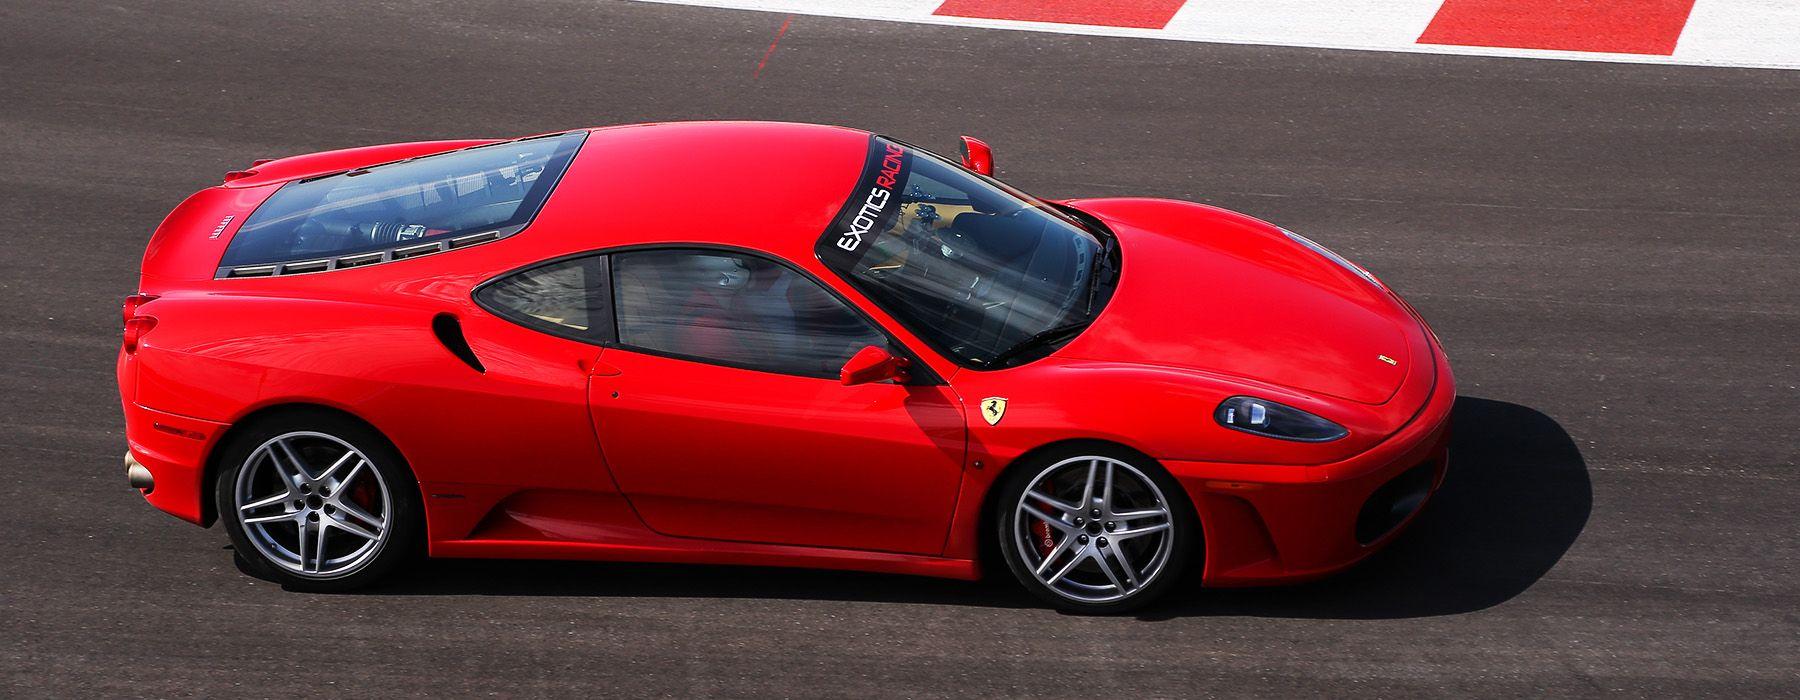 Drive a Ferrari F430